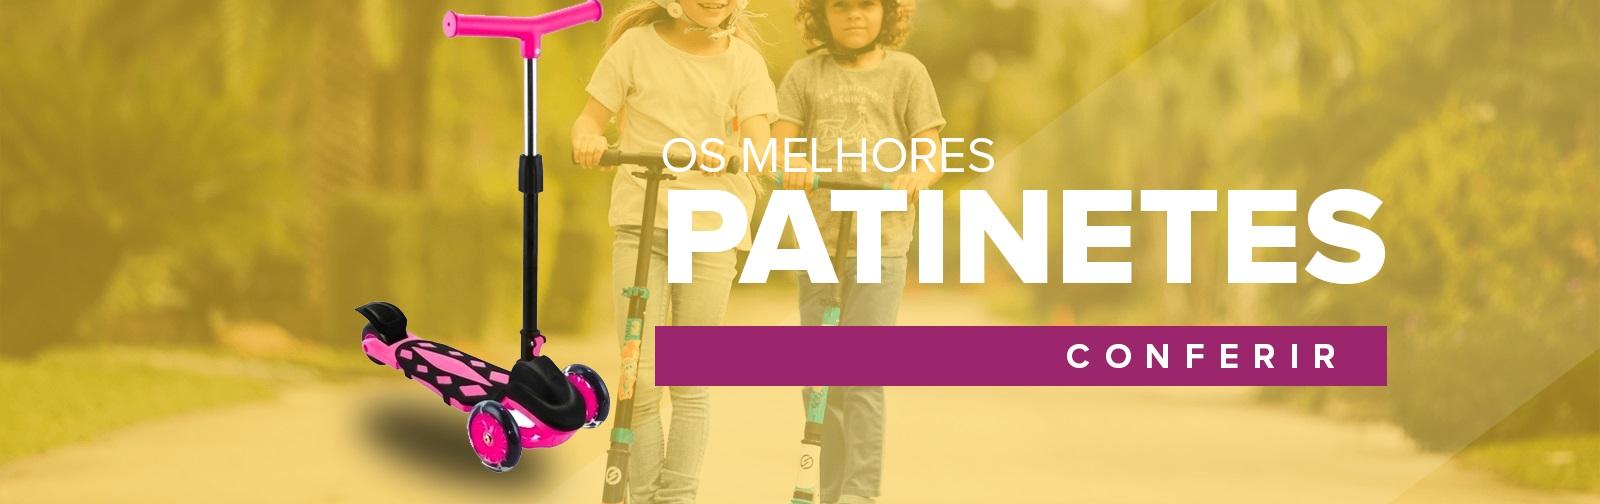 Patinetess